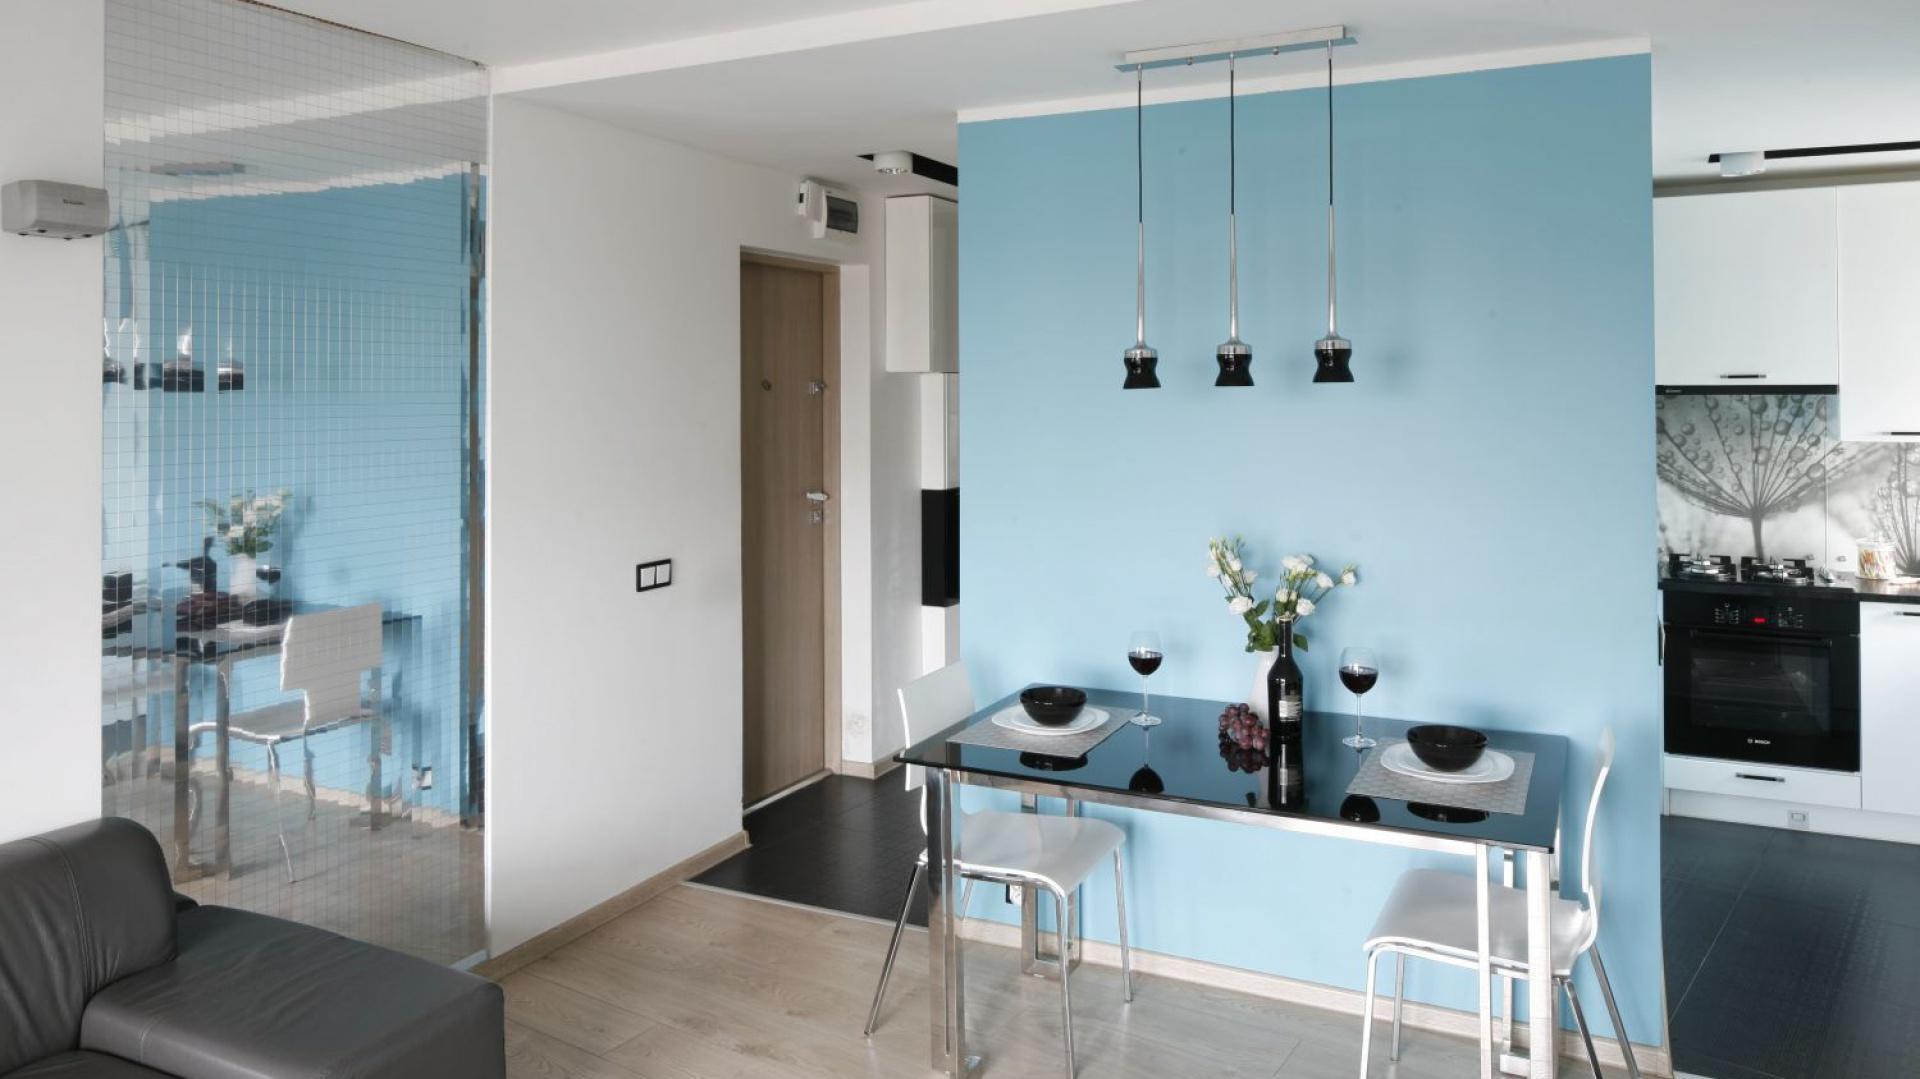 To małe mieszkanie ma zaledwie 36 metrów. Mimo niewielkiej powierzchni udało się w nim zaplanować niewielką jadalnię. Projekt: Marta Kilan. Fot. Bartosz Jarosz.